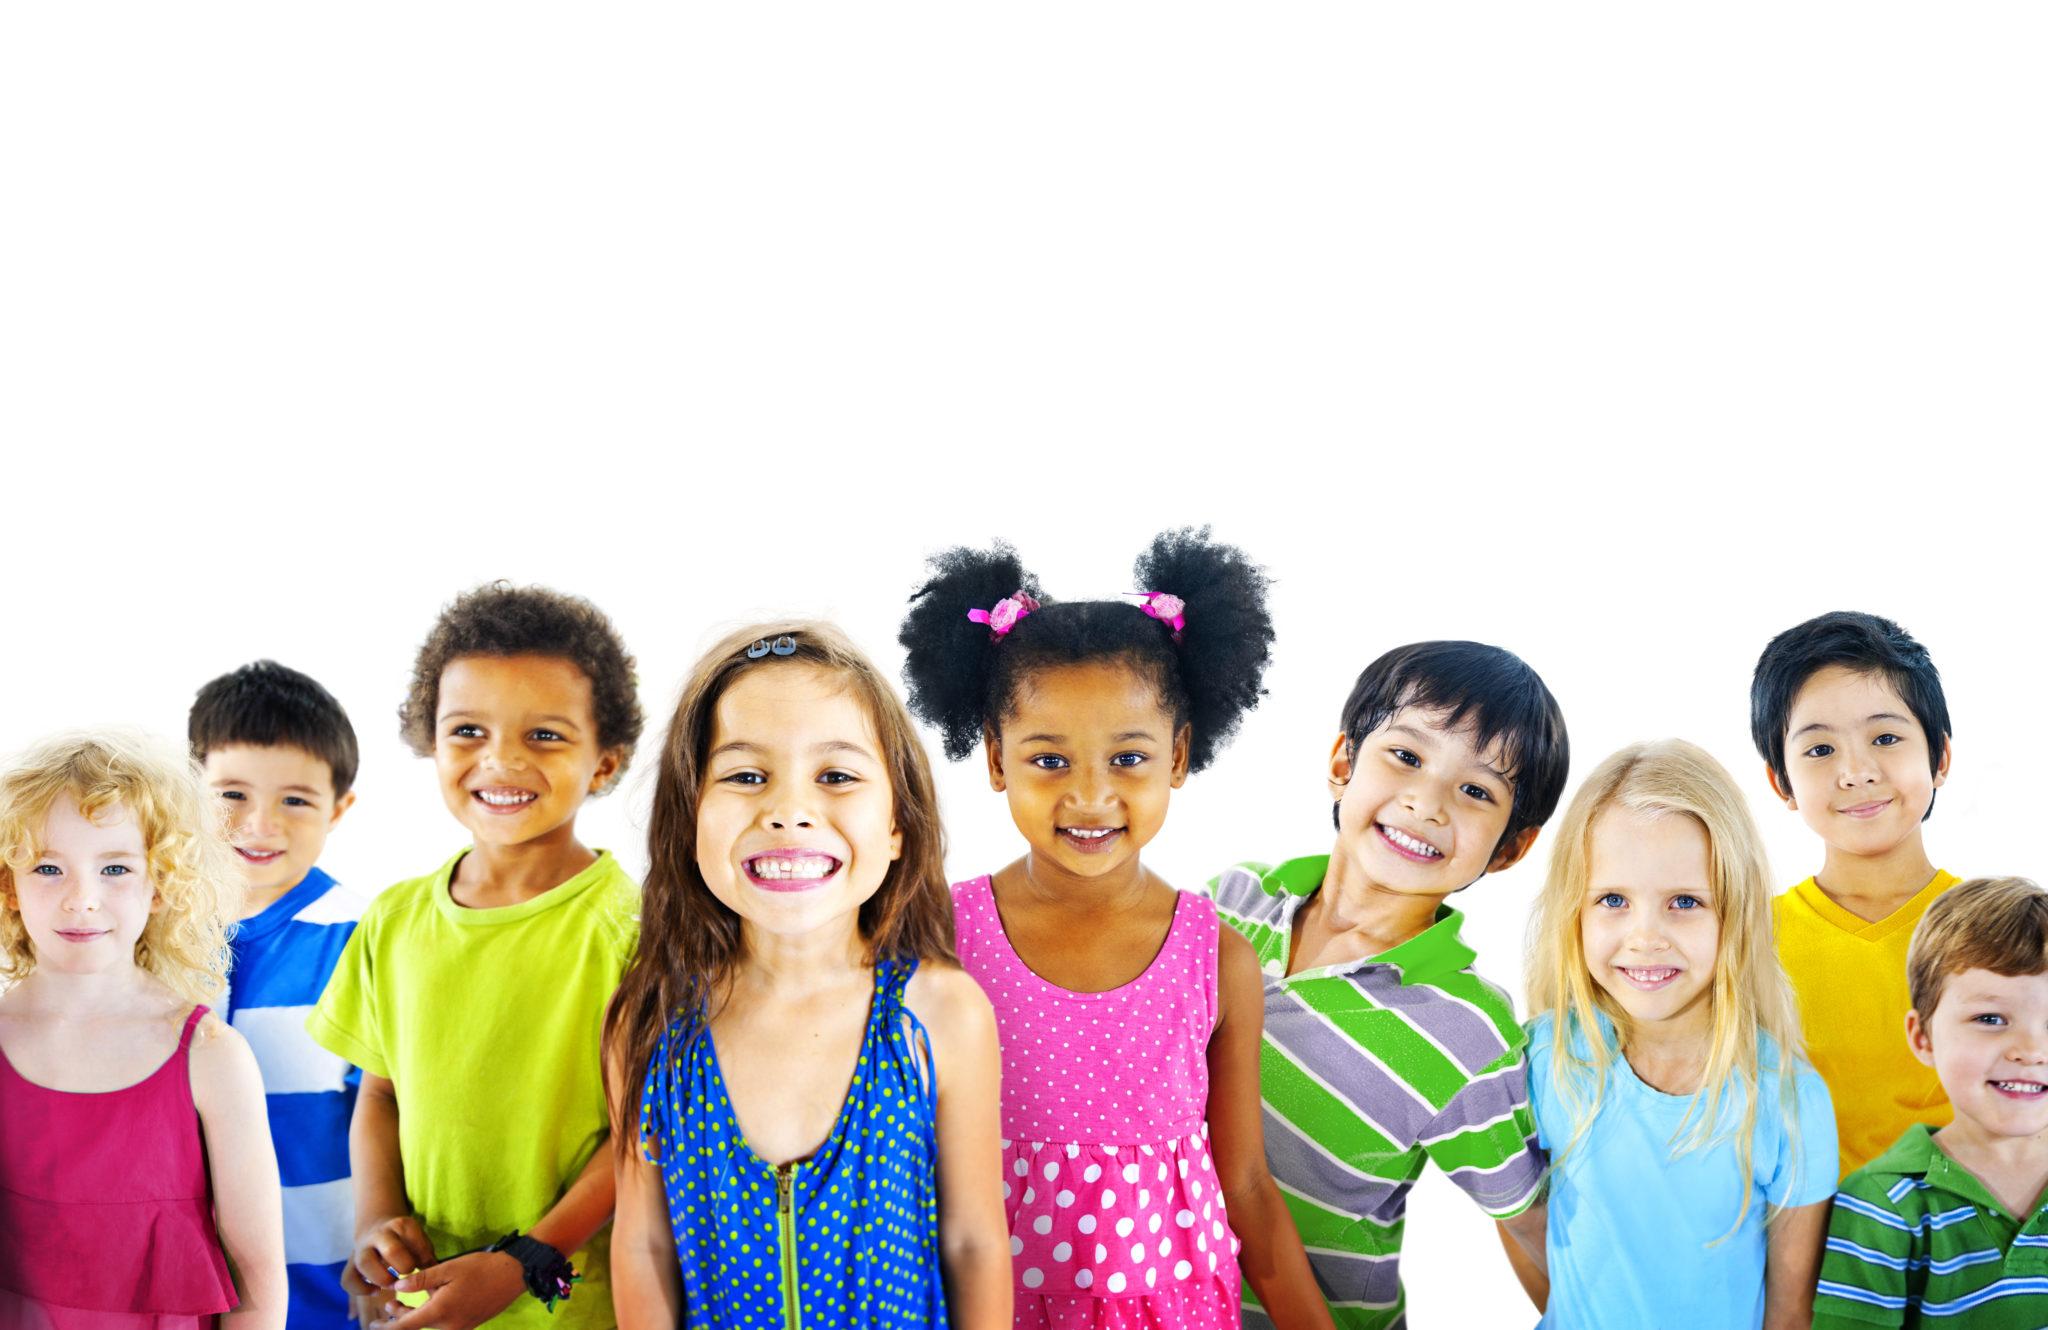 Onderzoek naar optimale jeugdcollecties